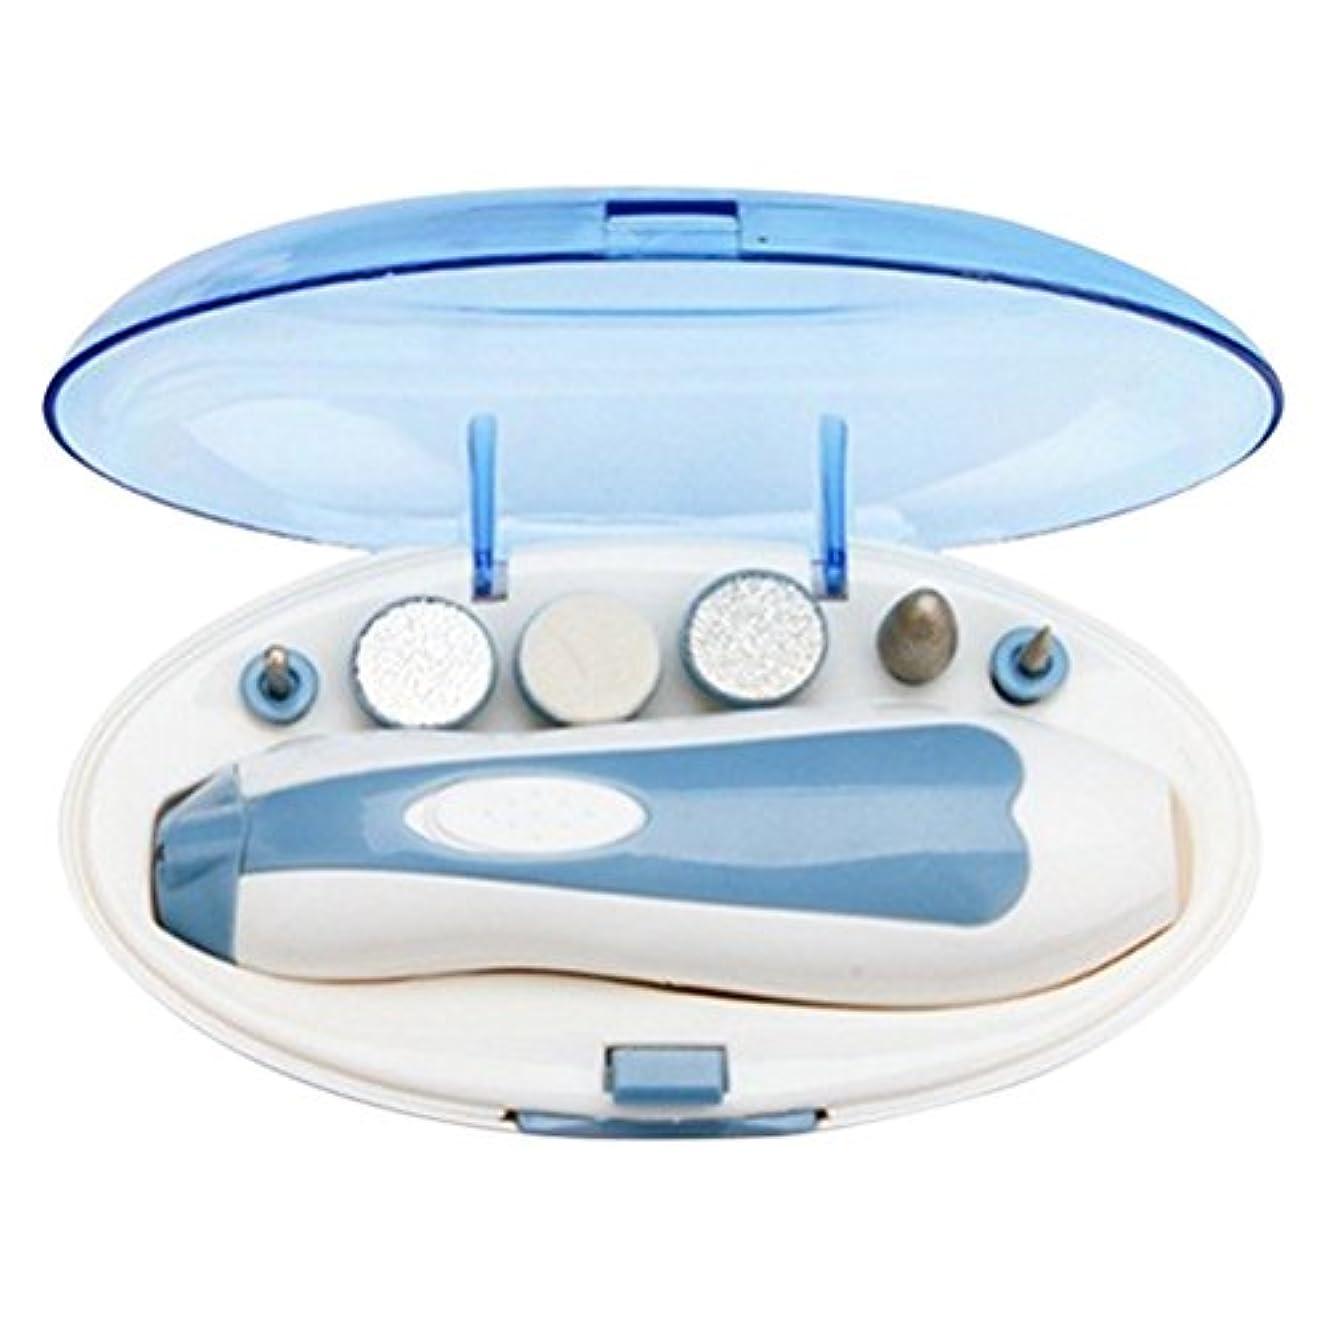 独占小屋薄い電動式ネイルケア ネイルマシン ネイルマシーン電動爪磨き 電池式 LEDライト搭載 アタッチメント6種類付き 甘皮 角質除去  持ち運び便利 ブルー ケース付